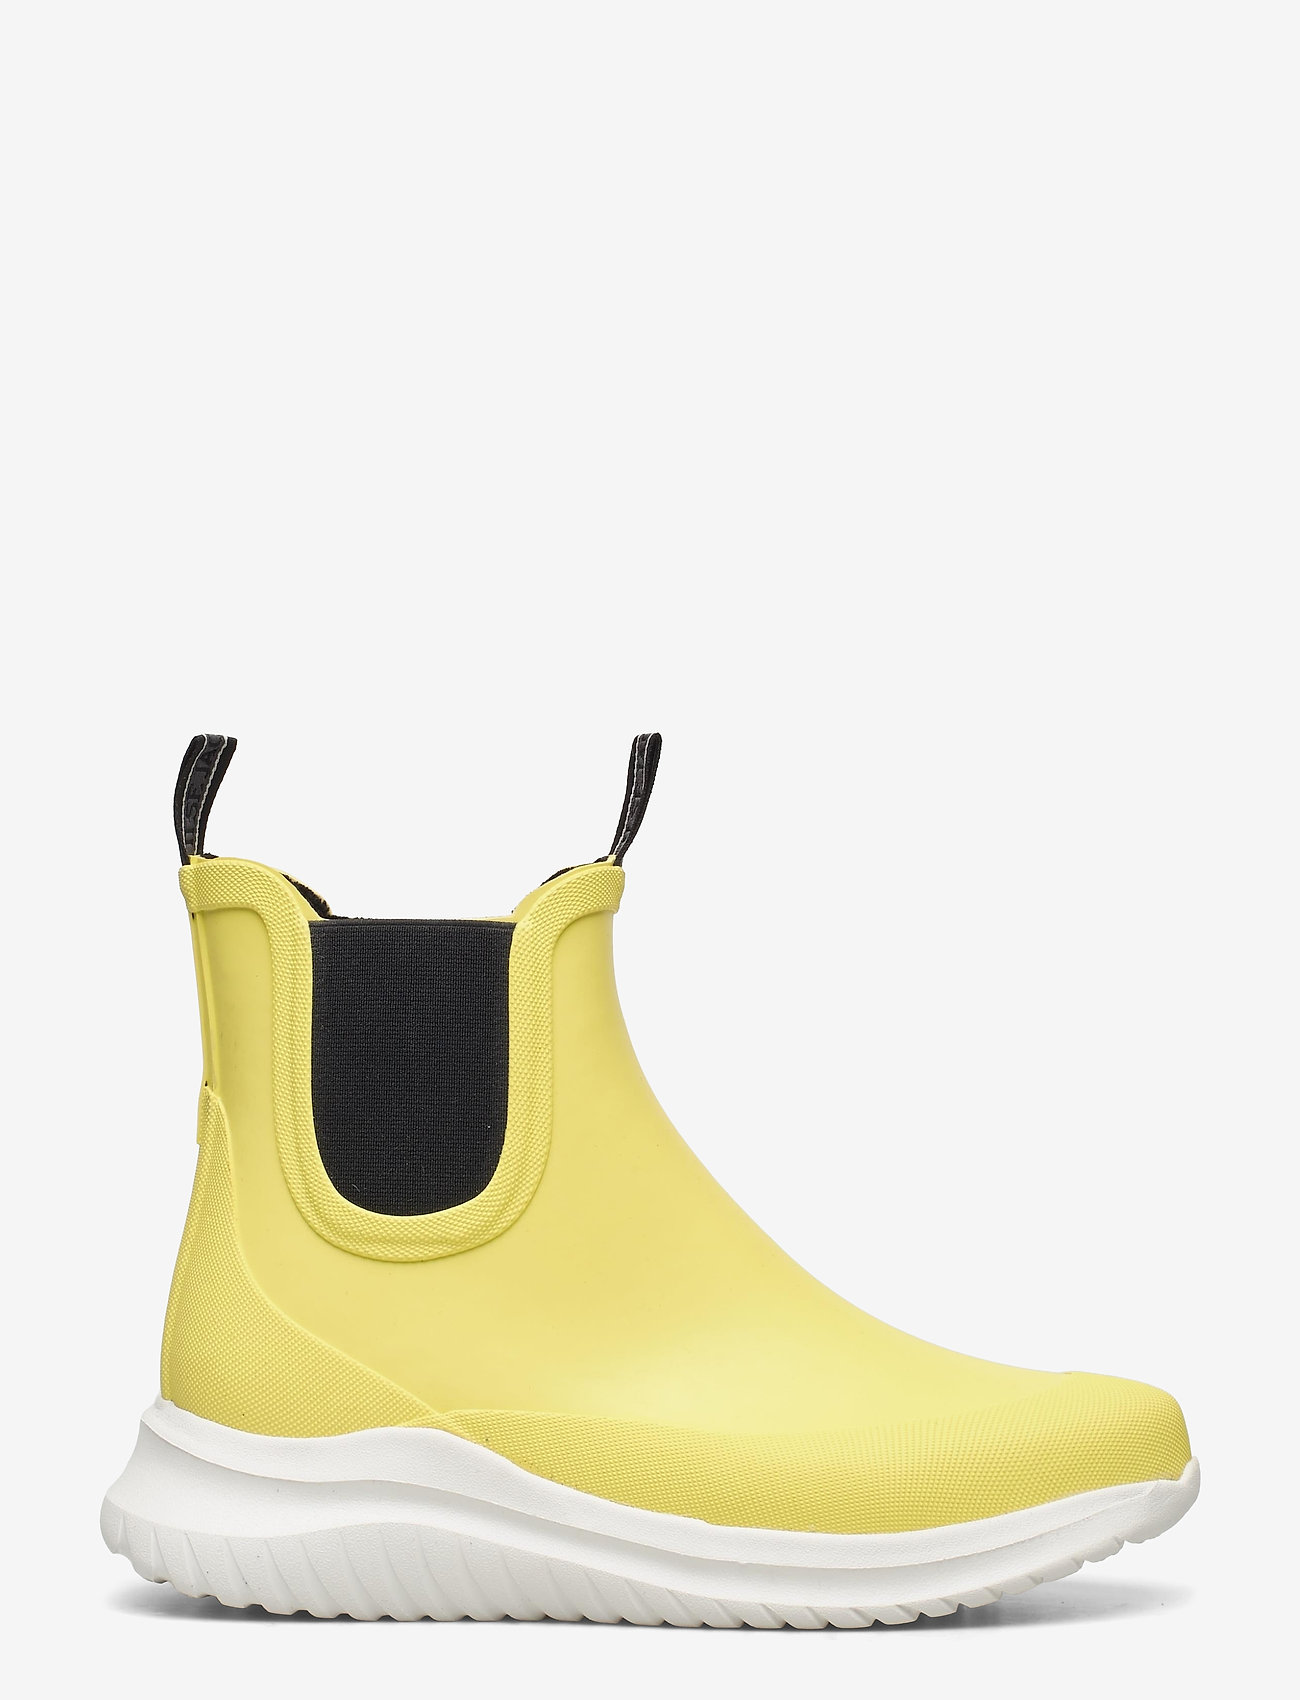 Ilse Jacobsen - Short rubber boots - bottes de pluie - sunbeam - 1